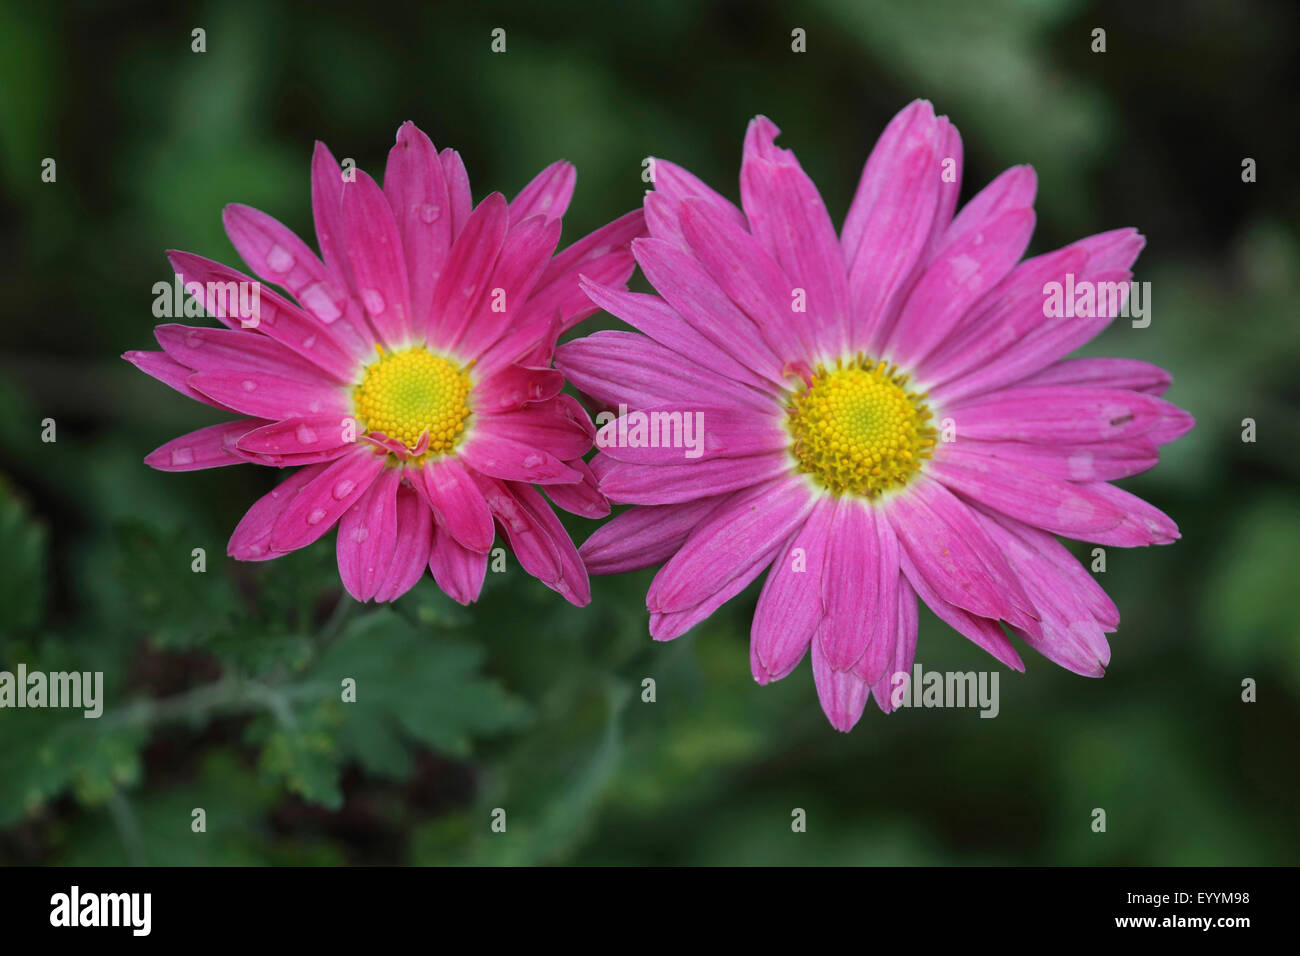 Costmary, Chinese Aster, Chrysanthemum, Mum, Garden Mum (Dendranthema x grandiflorum, Dendranthema grandiflorum, - Stock Image